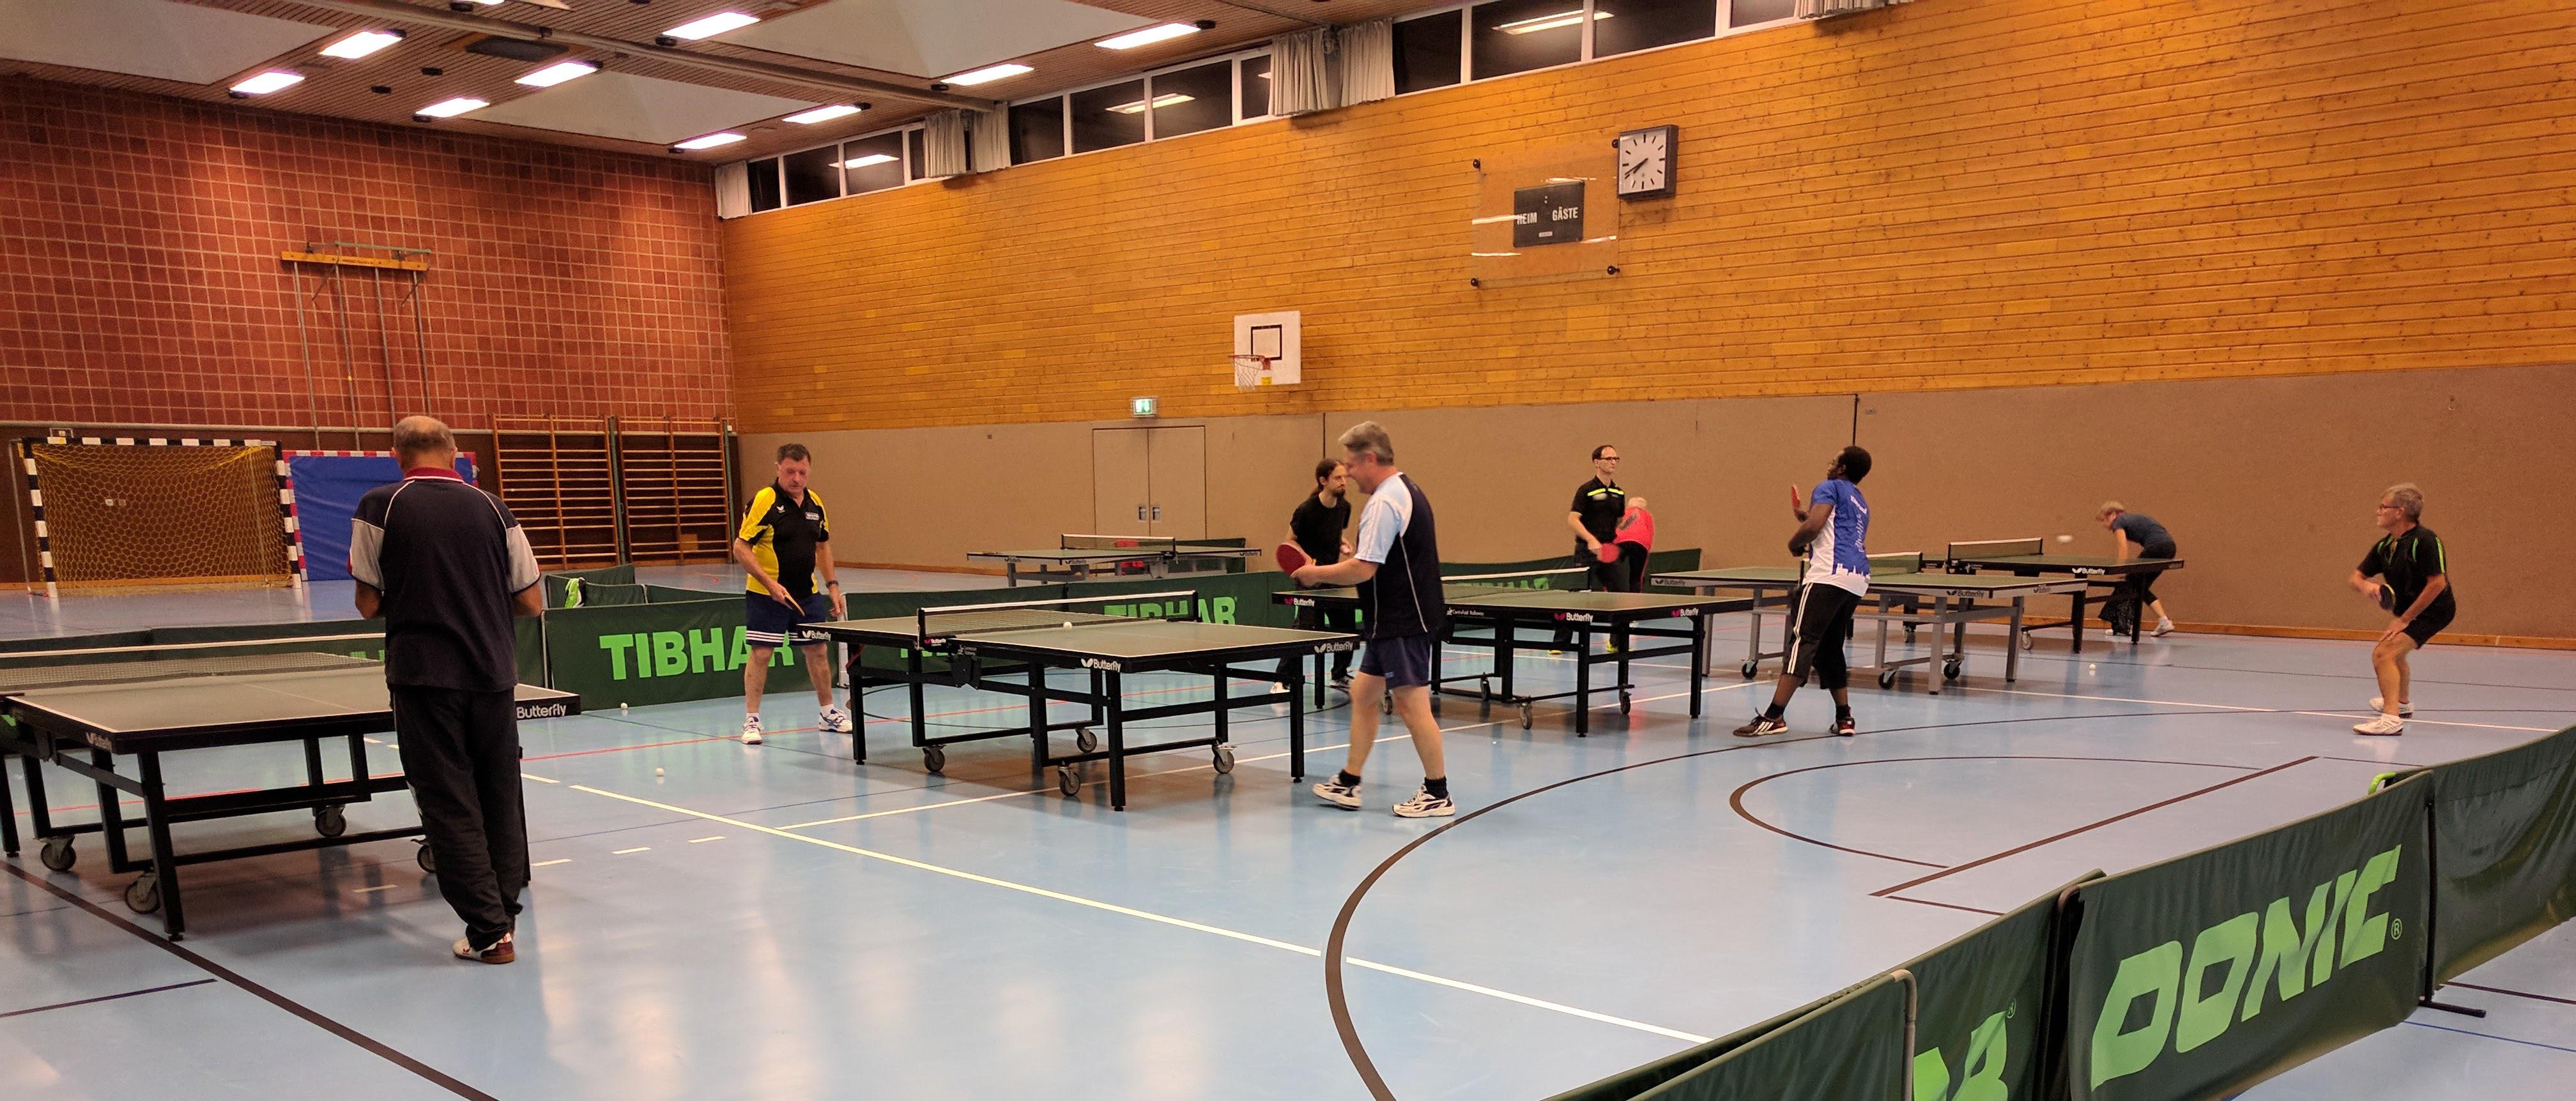 SV Remshalden Tischtennis